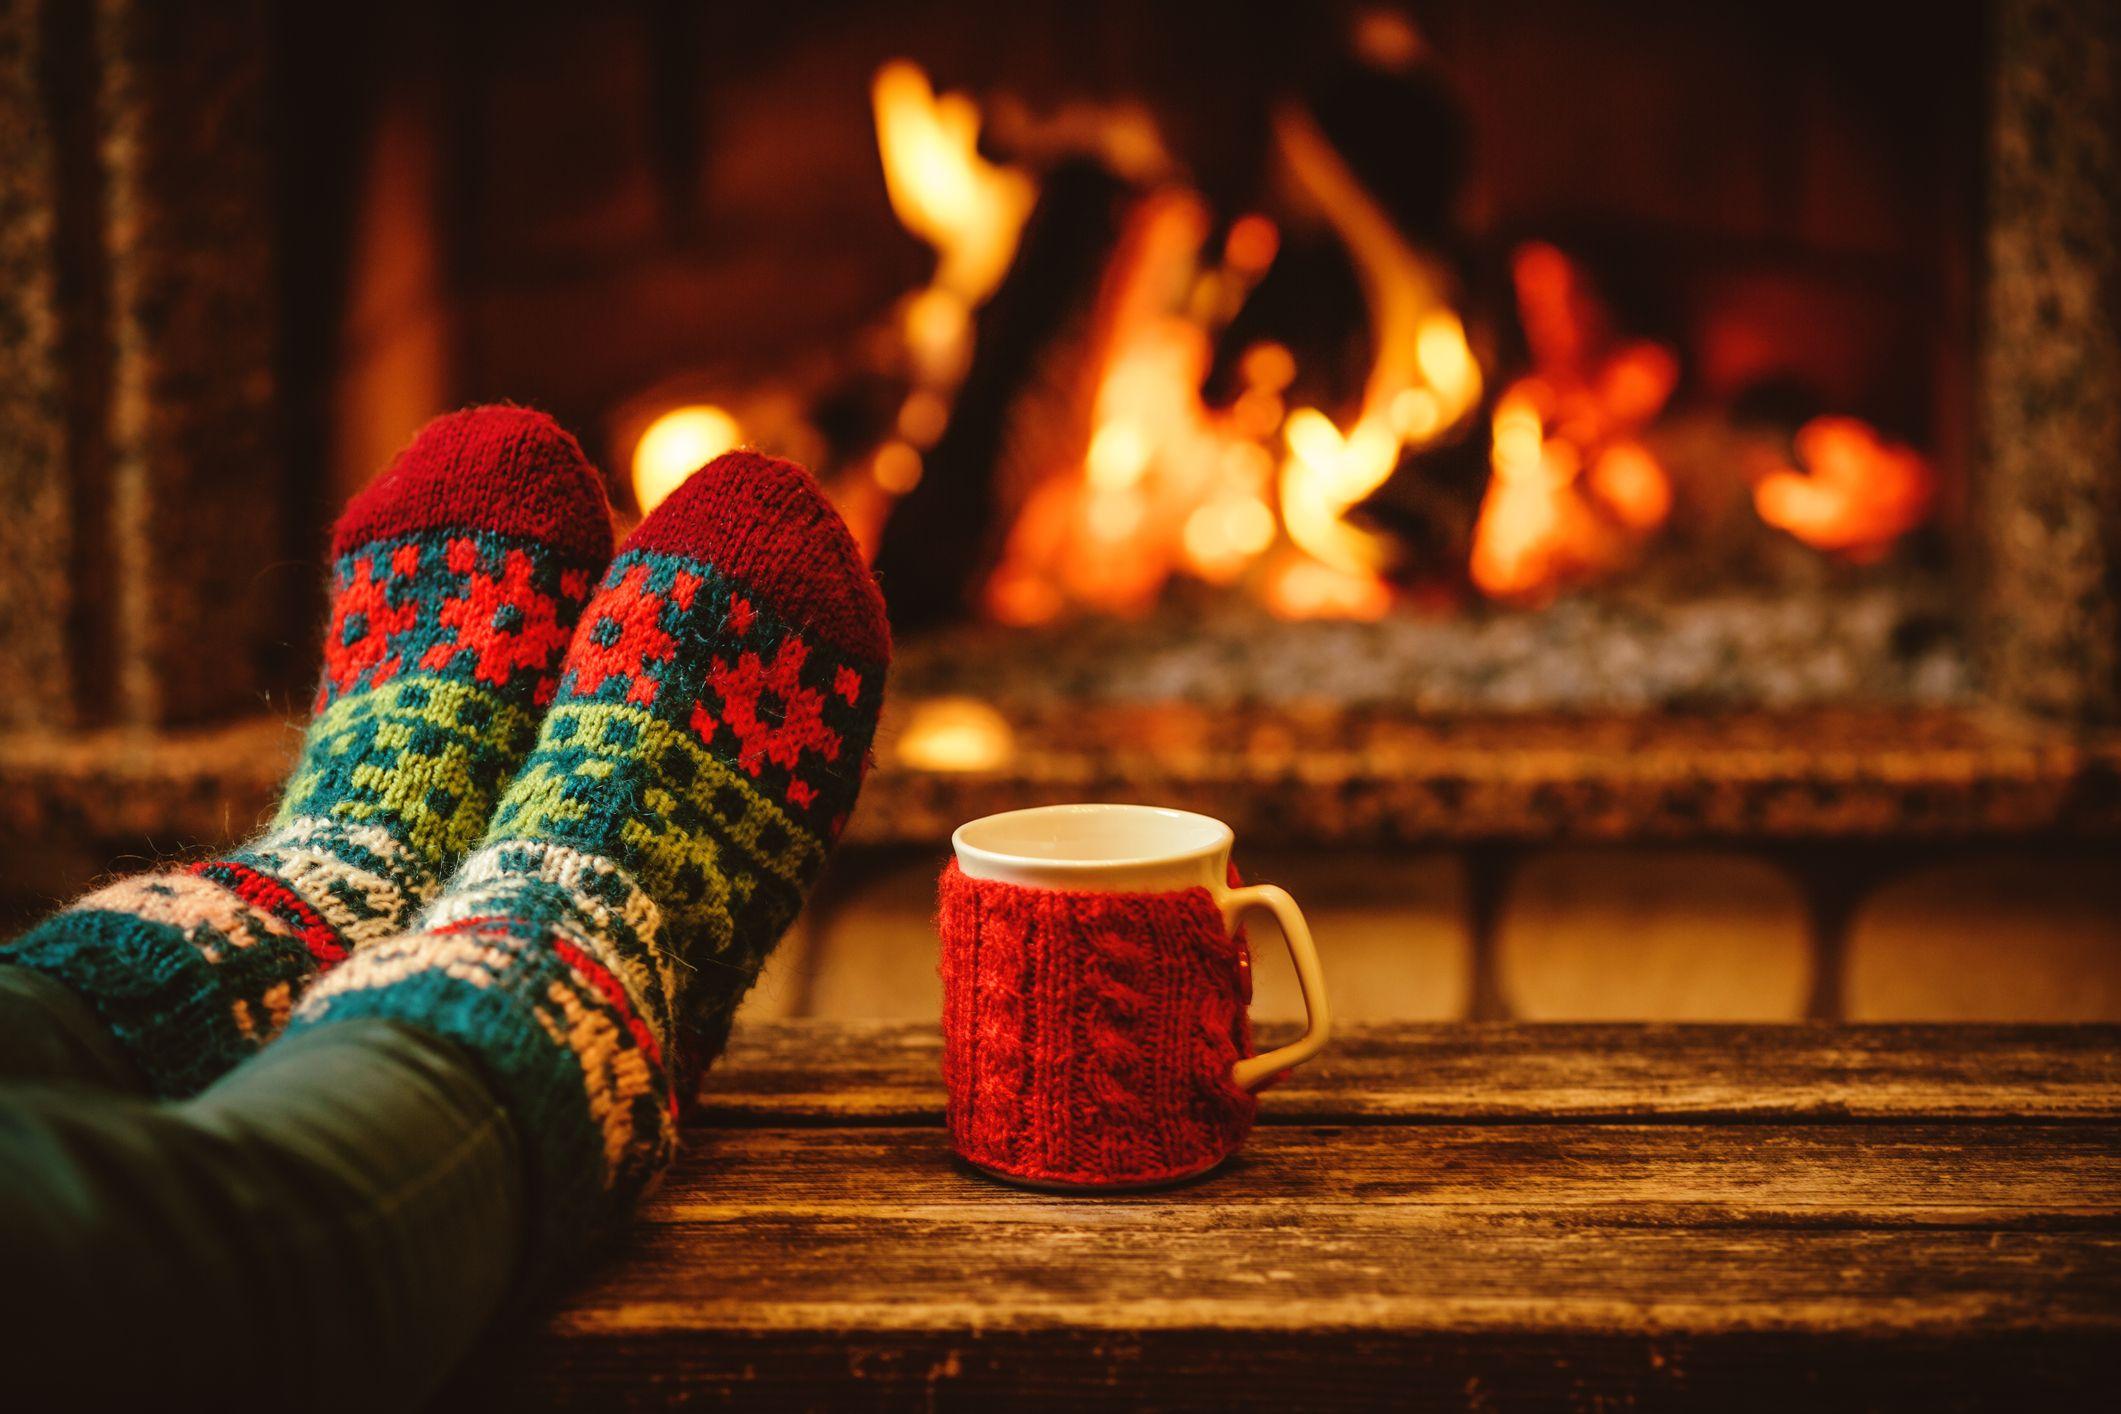 Jouluiloa helpoimman kautta - Näillä vinkeillä valmistelet joulua ilman stressiä